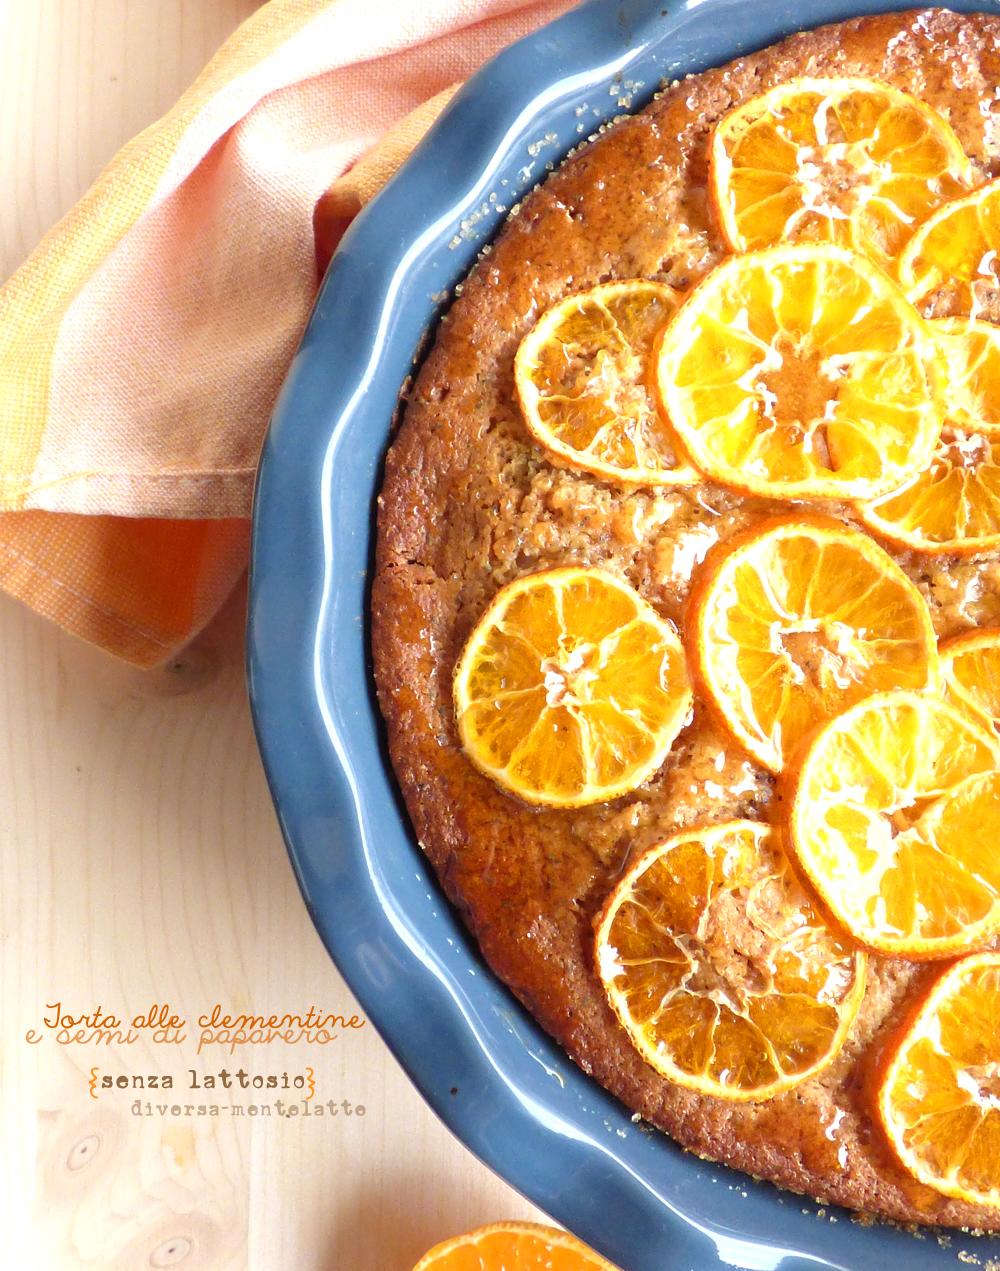 torta con clementine senza lattosio